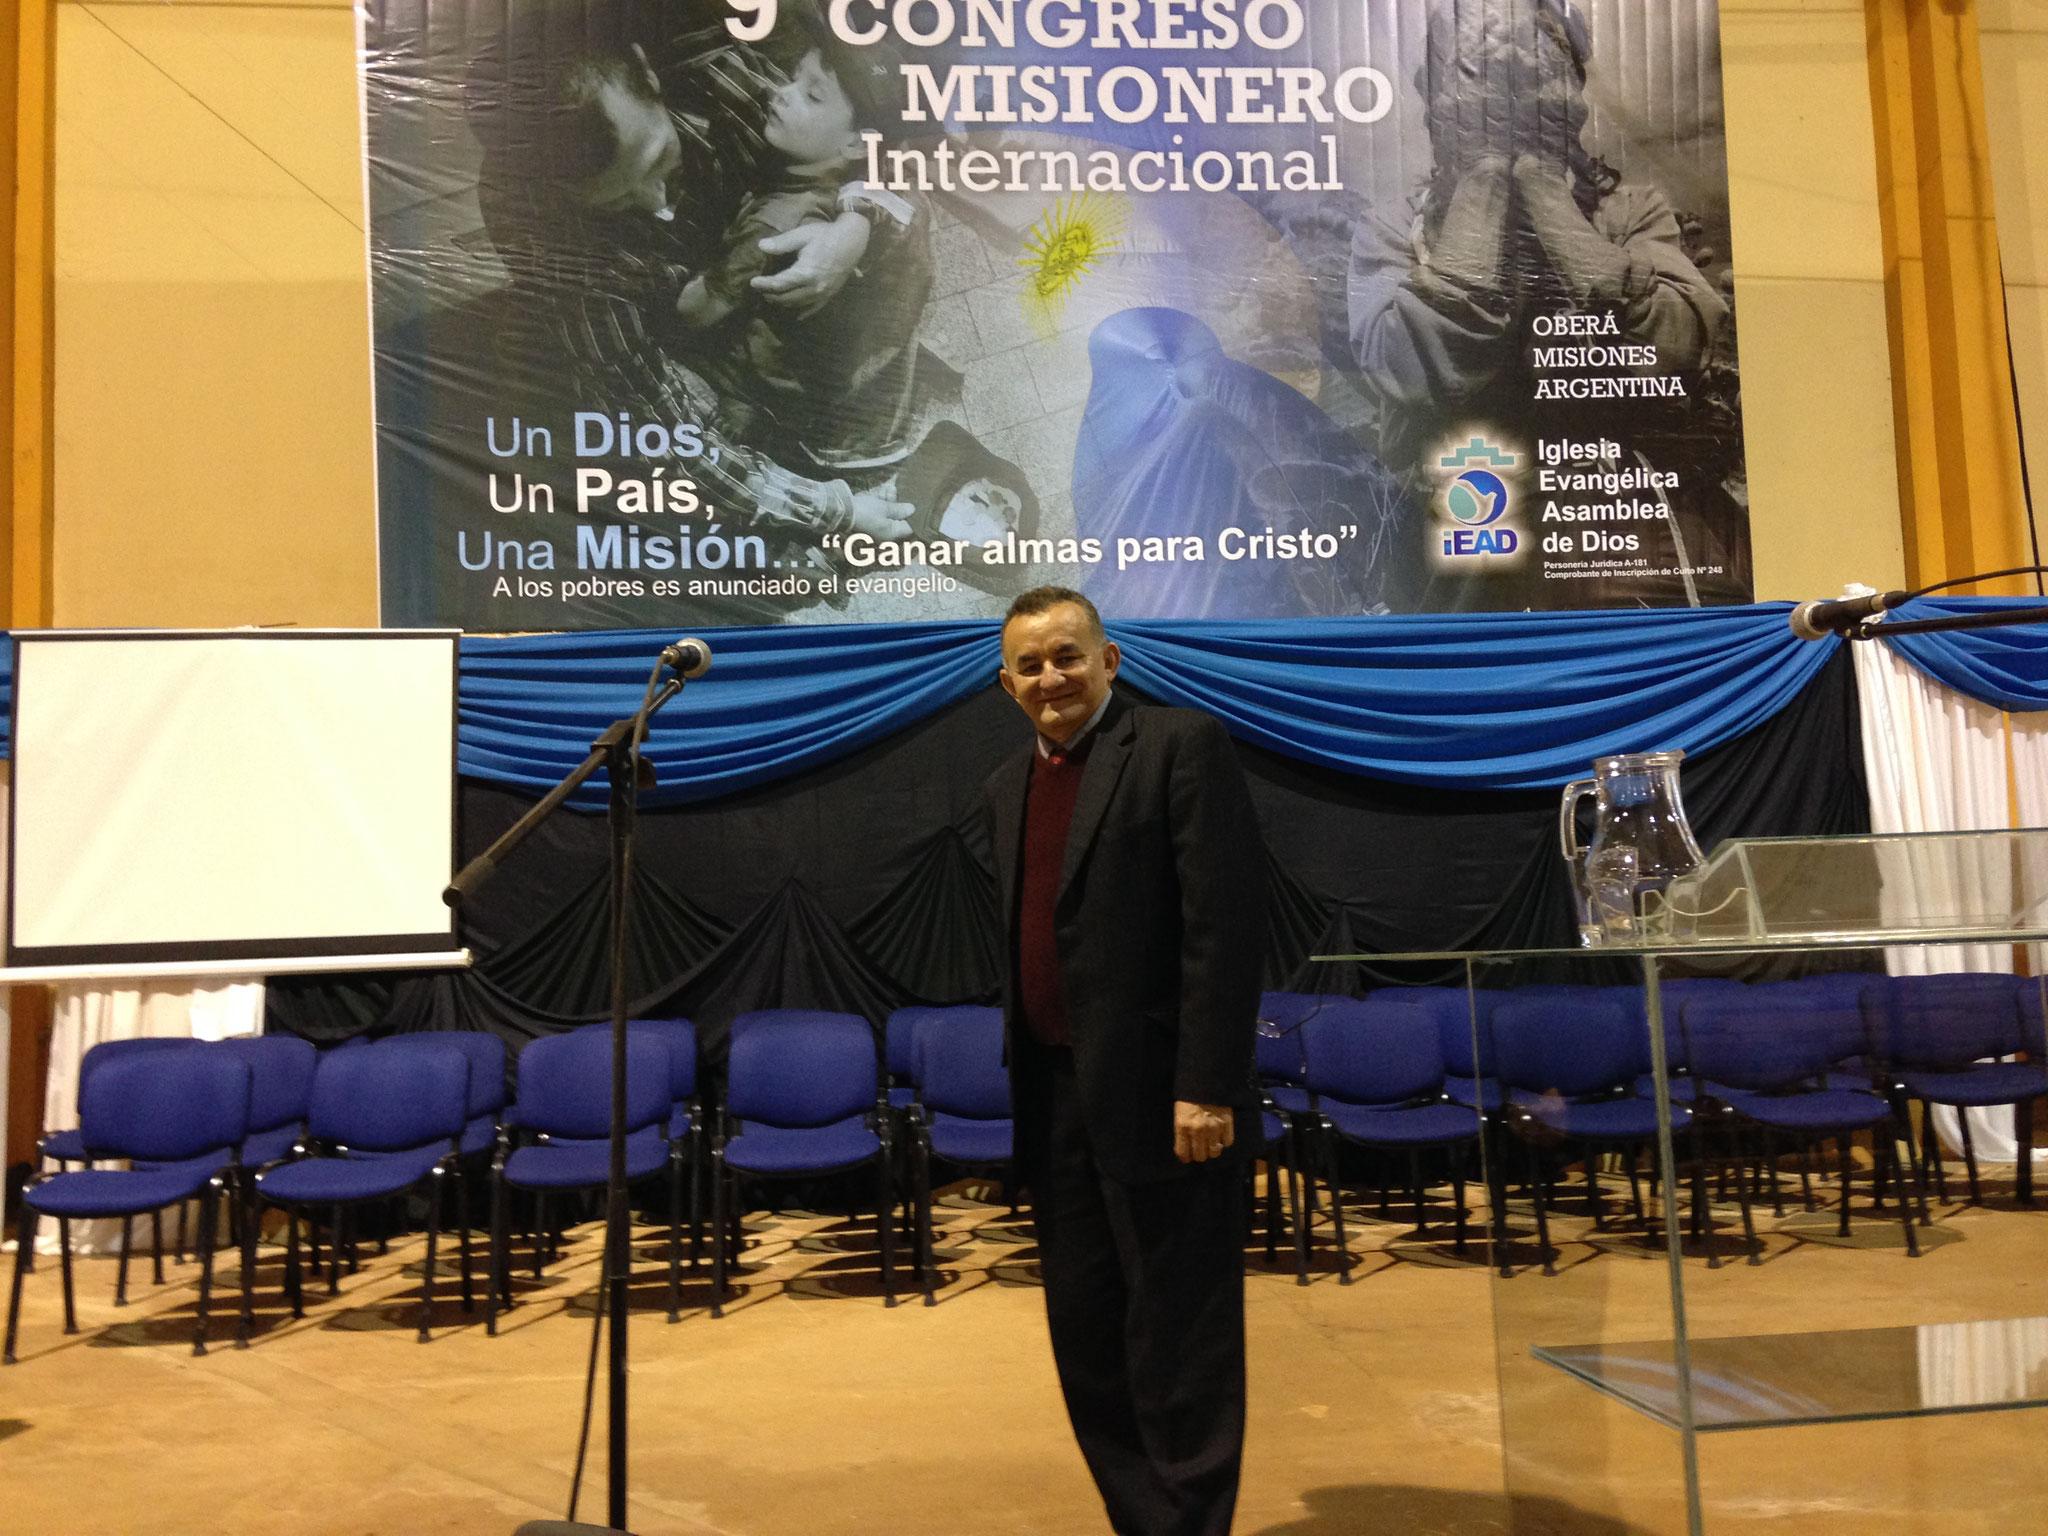 Congresso Missionario na Argentina - SEMIPAN